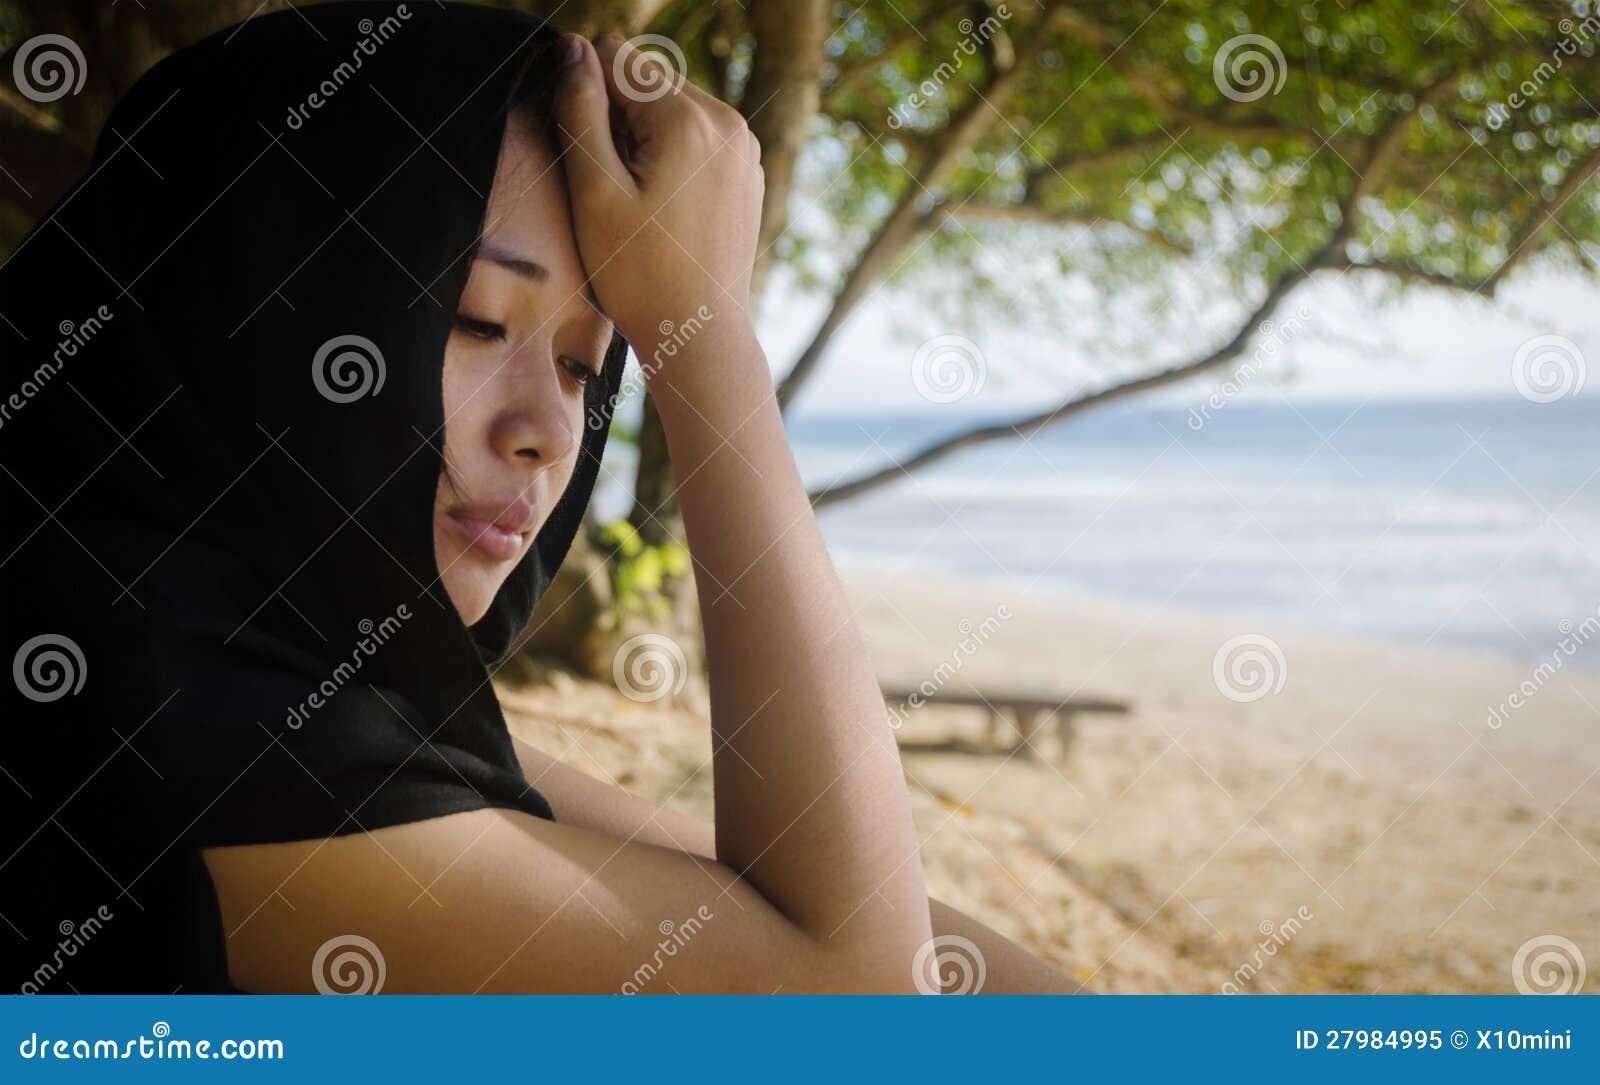 Depressed Asian 23